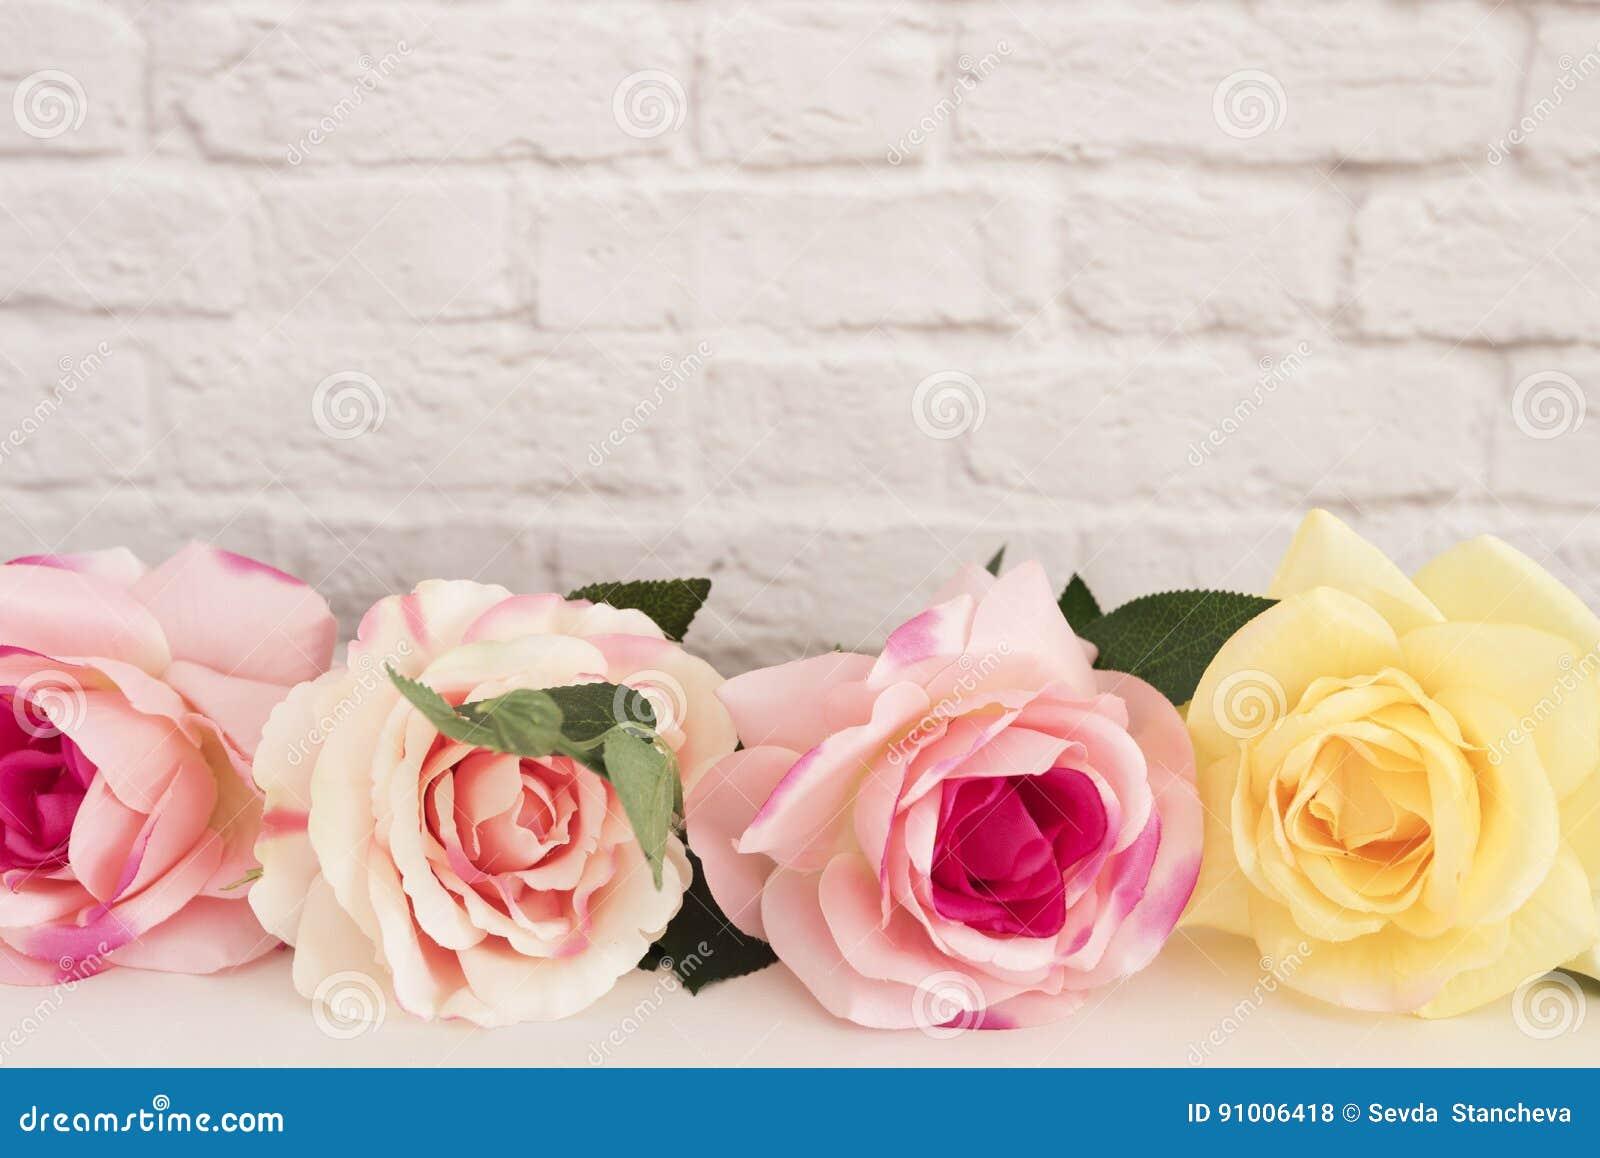 Rose Mock Up rose Photographie courante dénommée Cadre floral, moquerie dénommée de mur  Rose Flower Mockup, Valentine Mothers Da